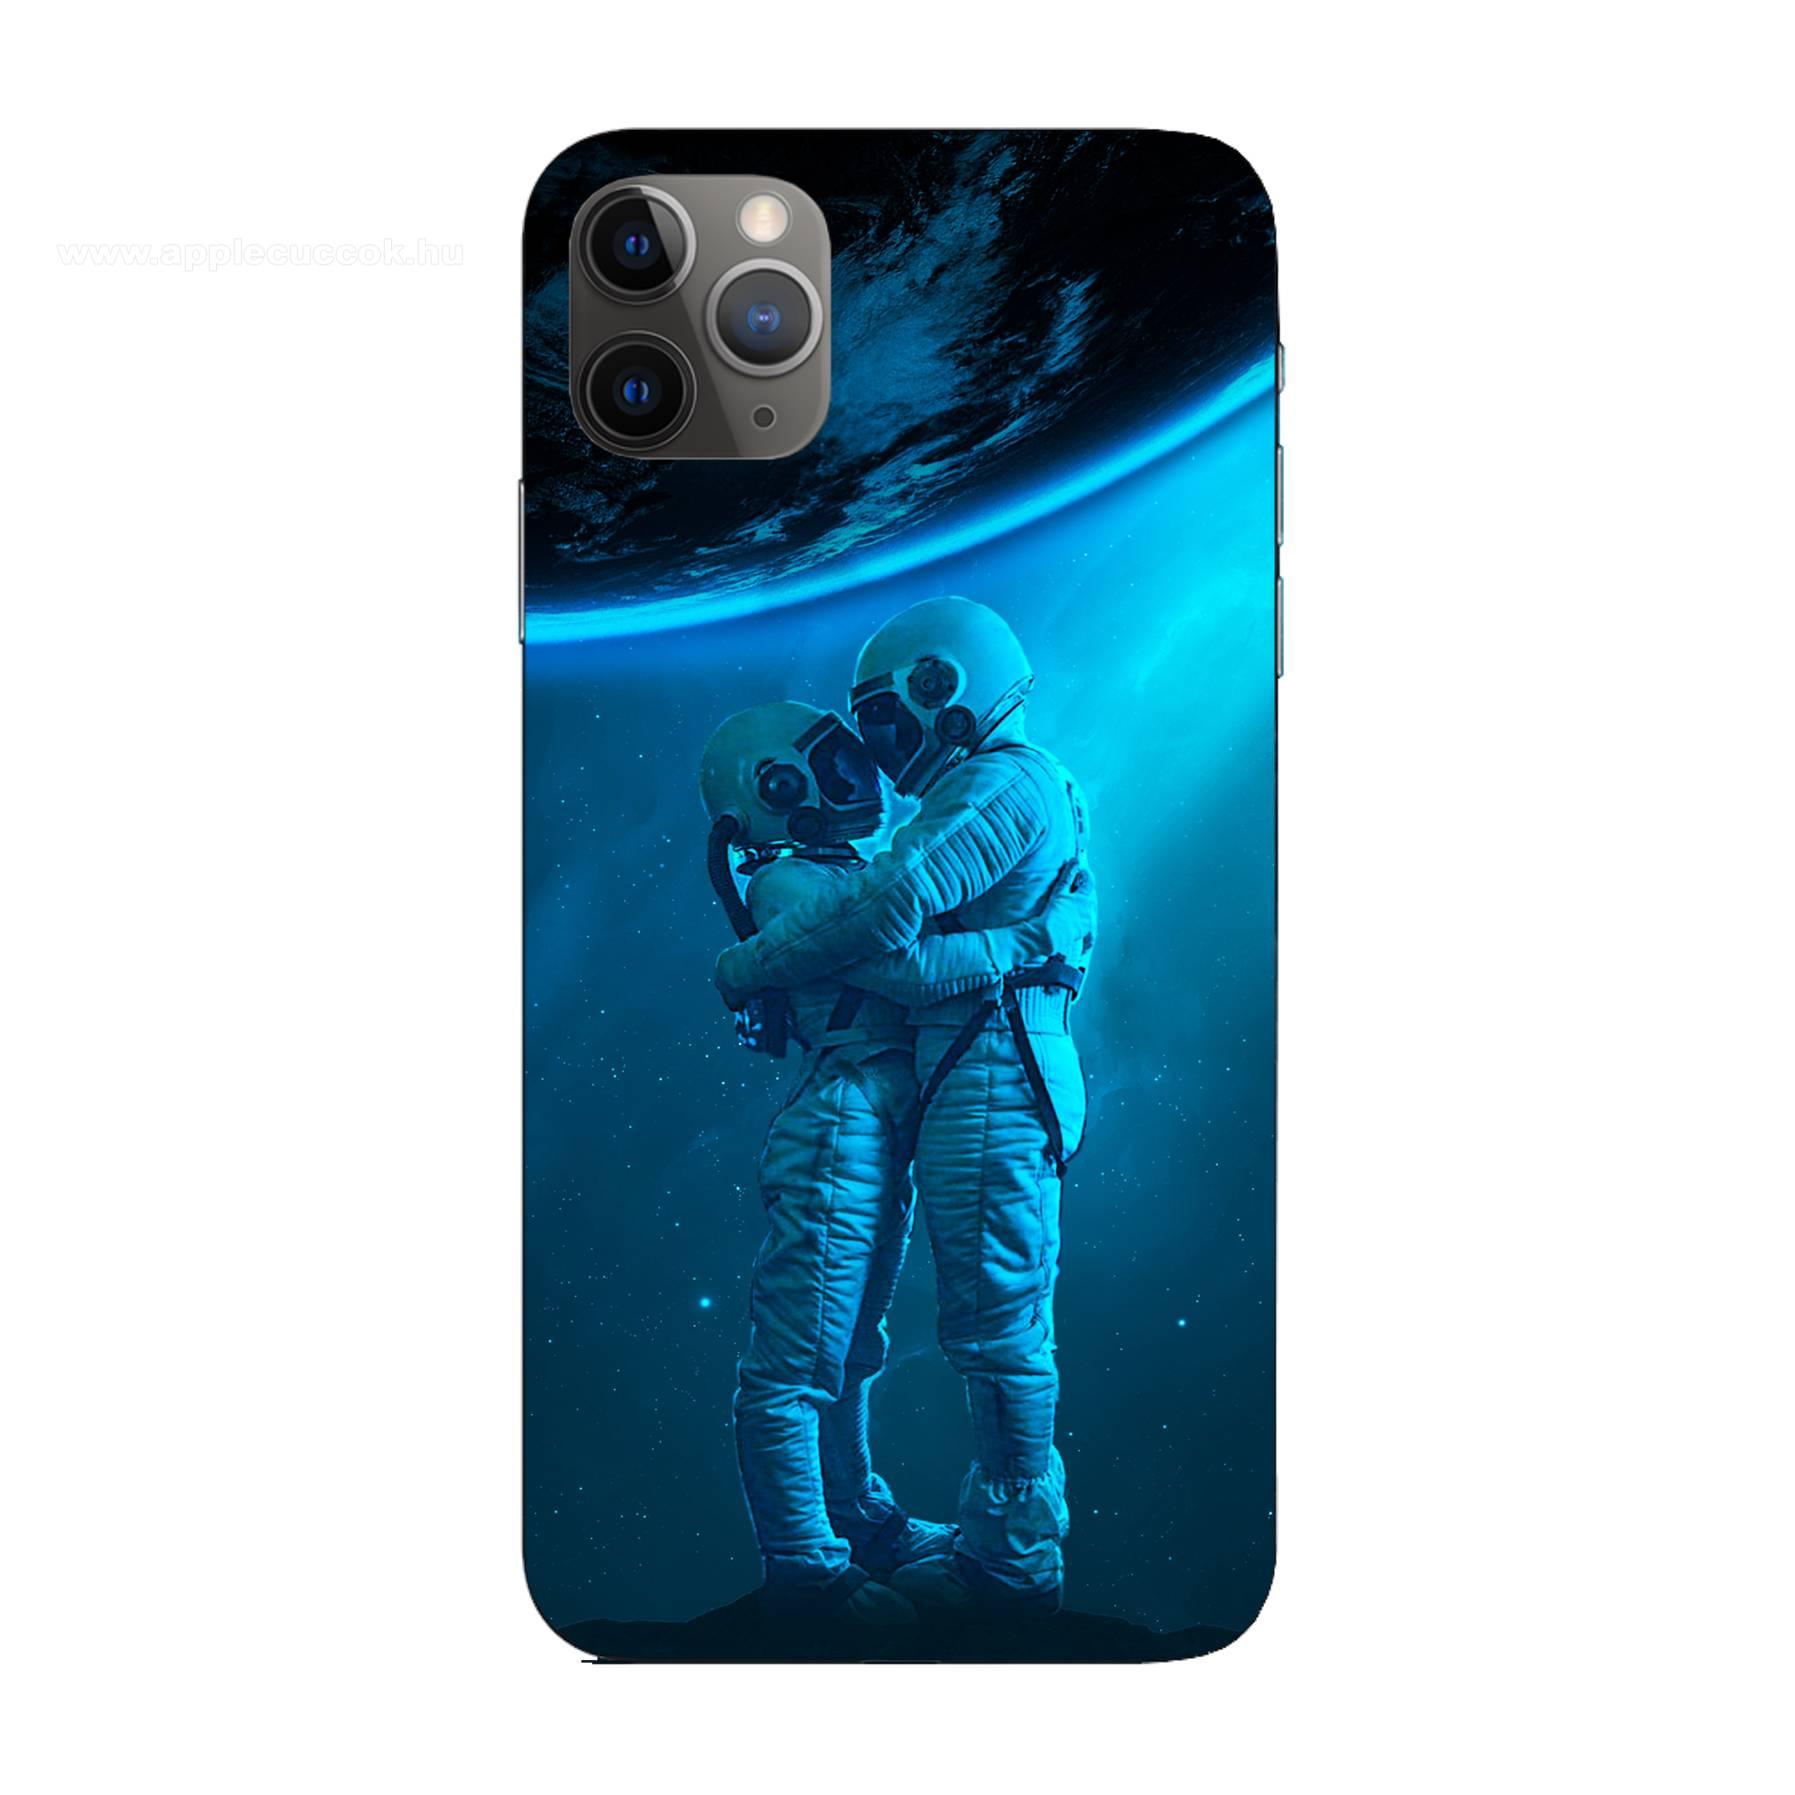 E-pic szilikon védő tok / hátlap - Szerelmes űrhajós pár mintás - Apple iPhone 11 Pro Max